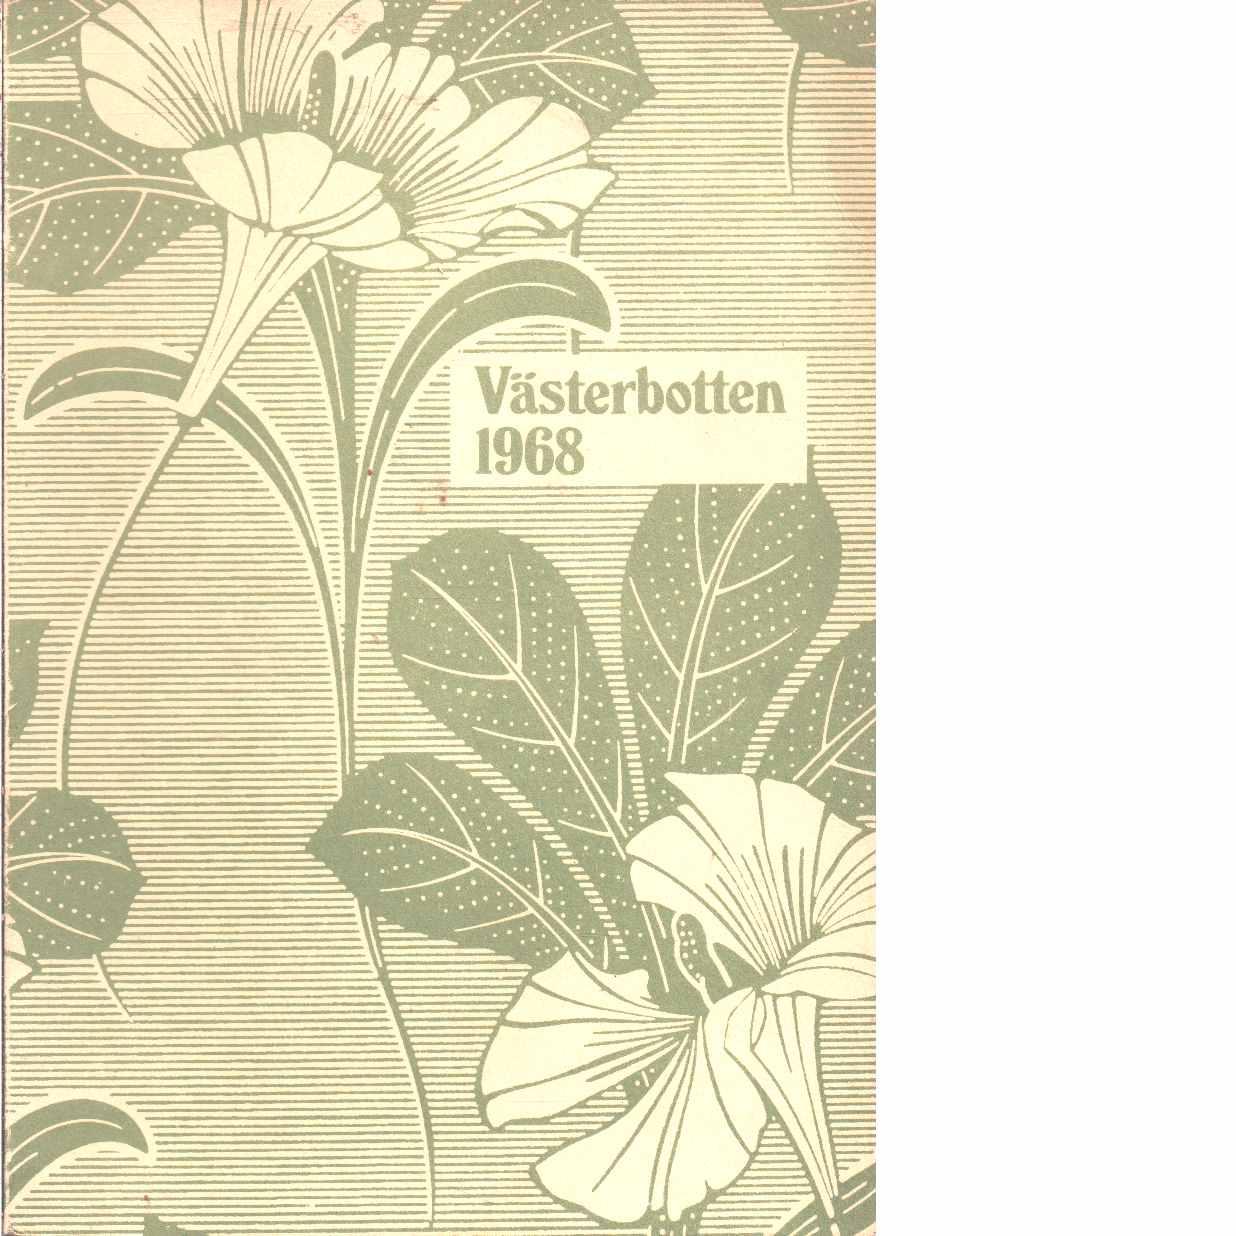 Västerbotten : Västerbottens läns hembygdsförenings årsbok 1968 - Red.